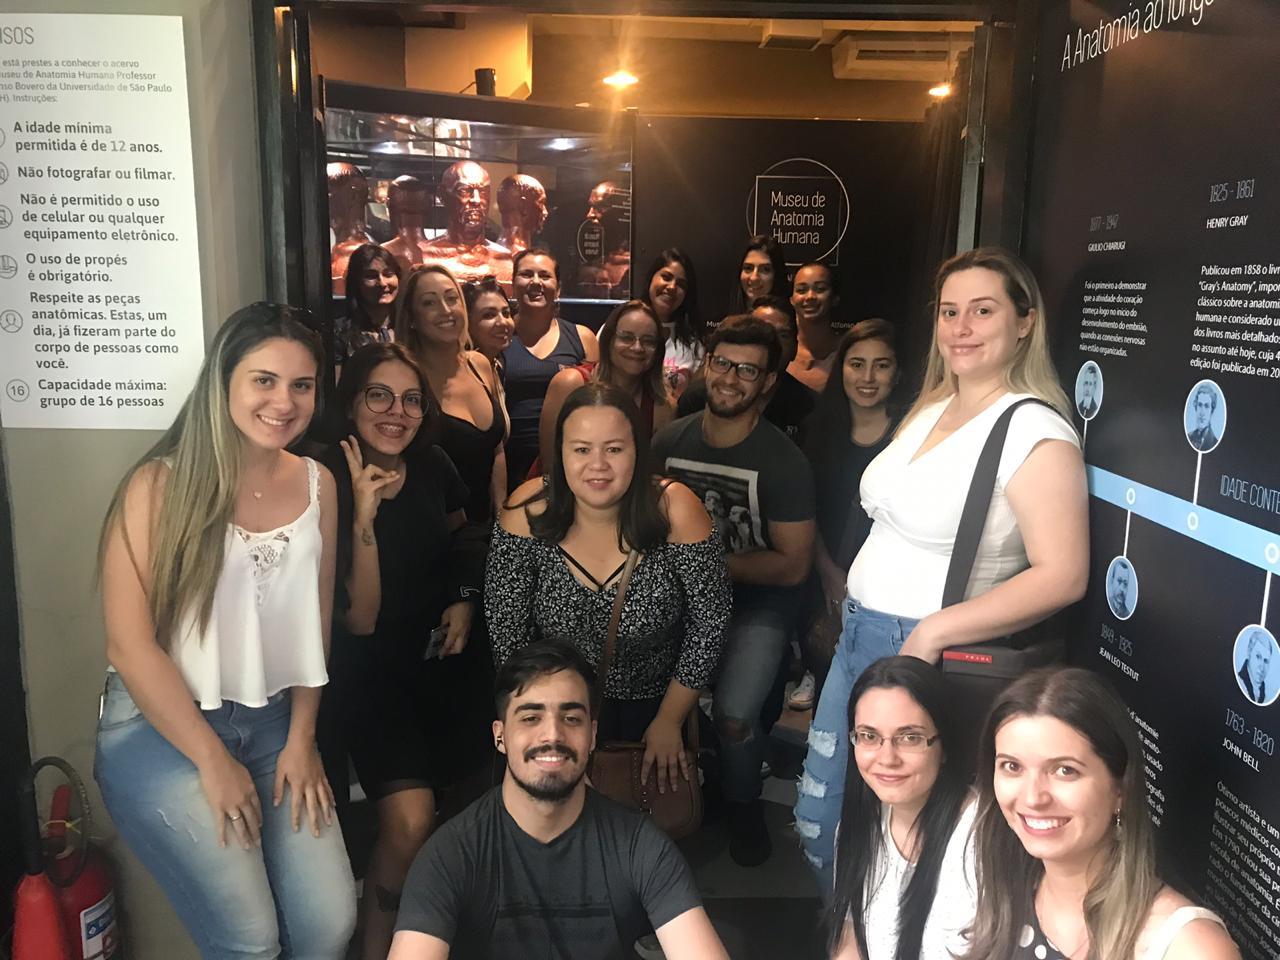 Alunos FIMI visitam o Museu de Anatomia da USP e o Museu do Crime da Polícia Civil de São Paulo